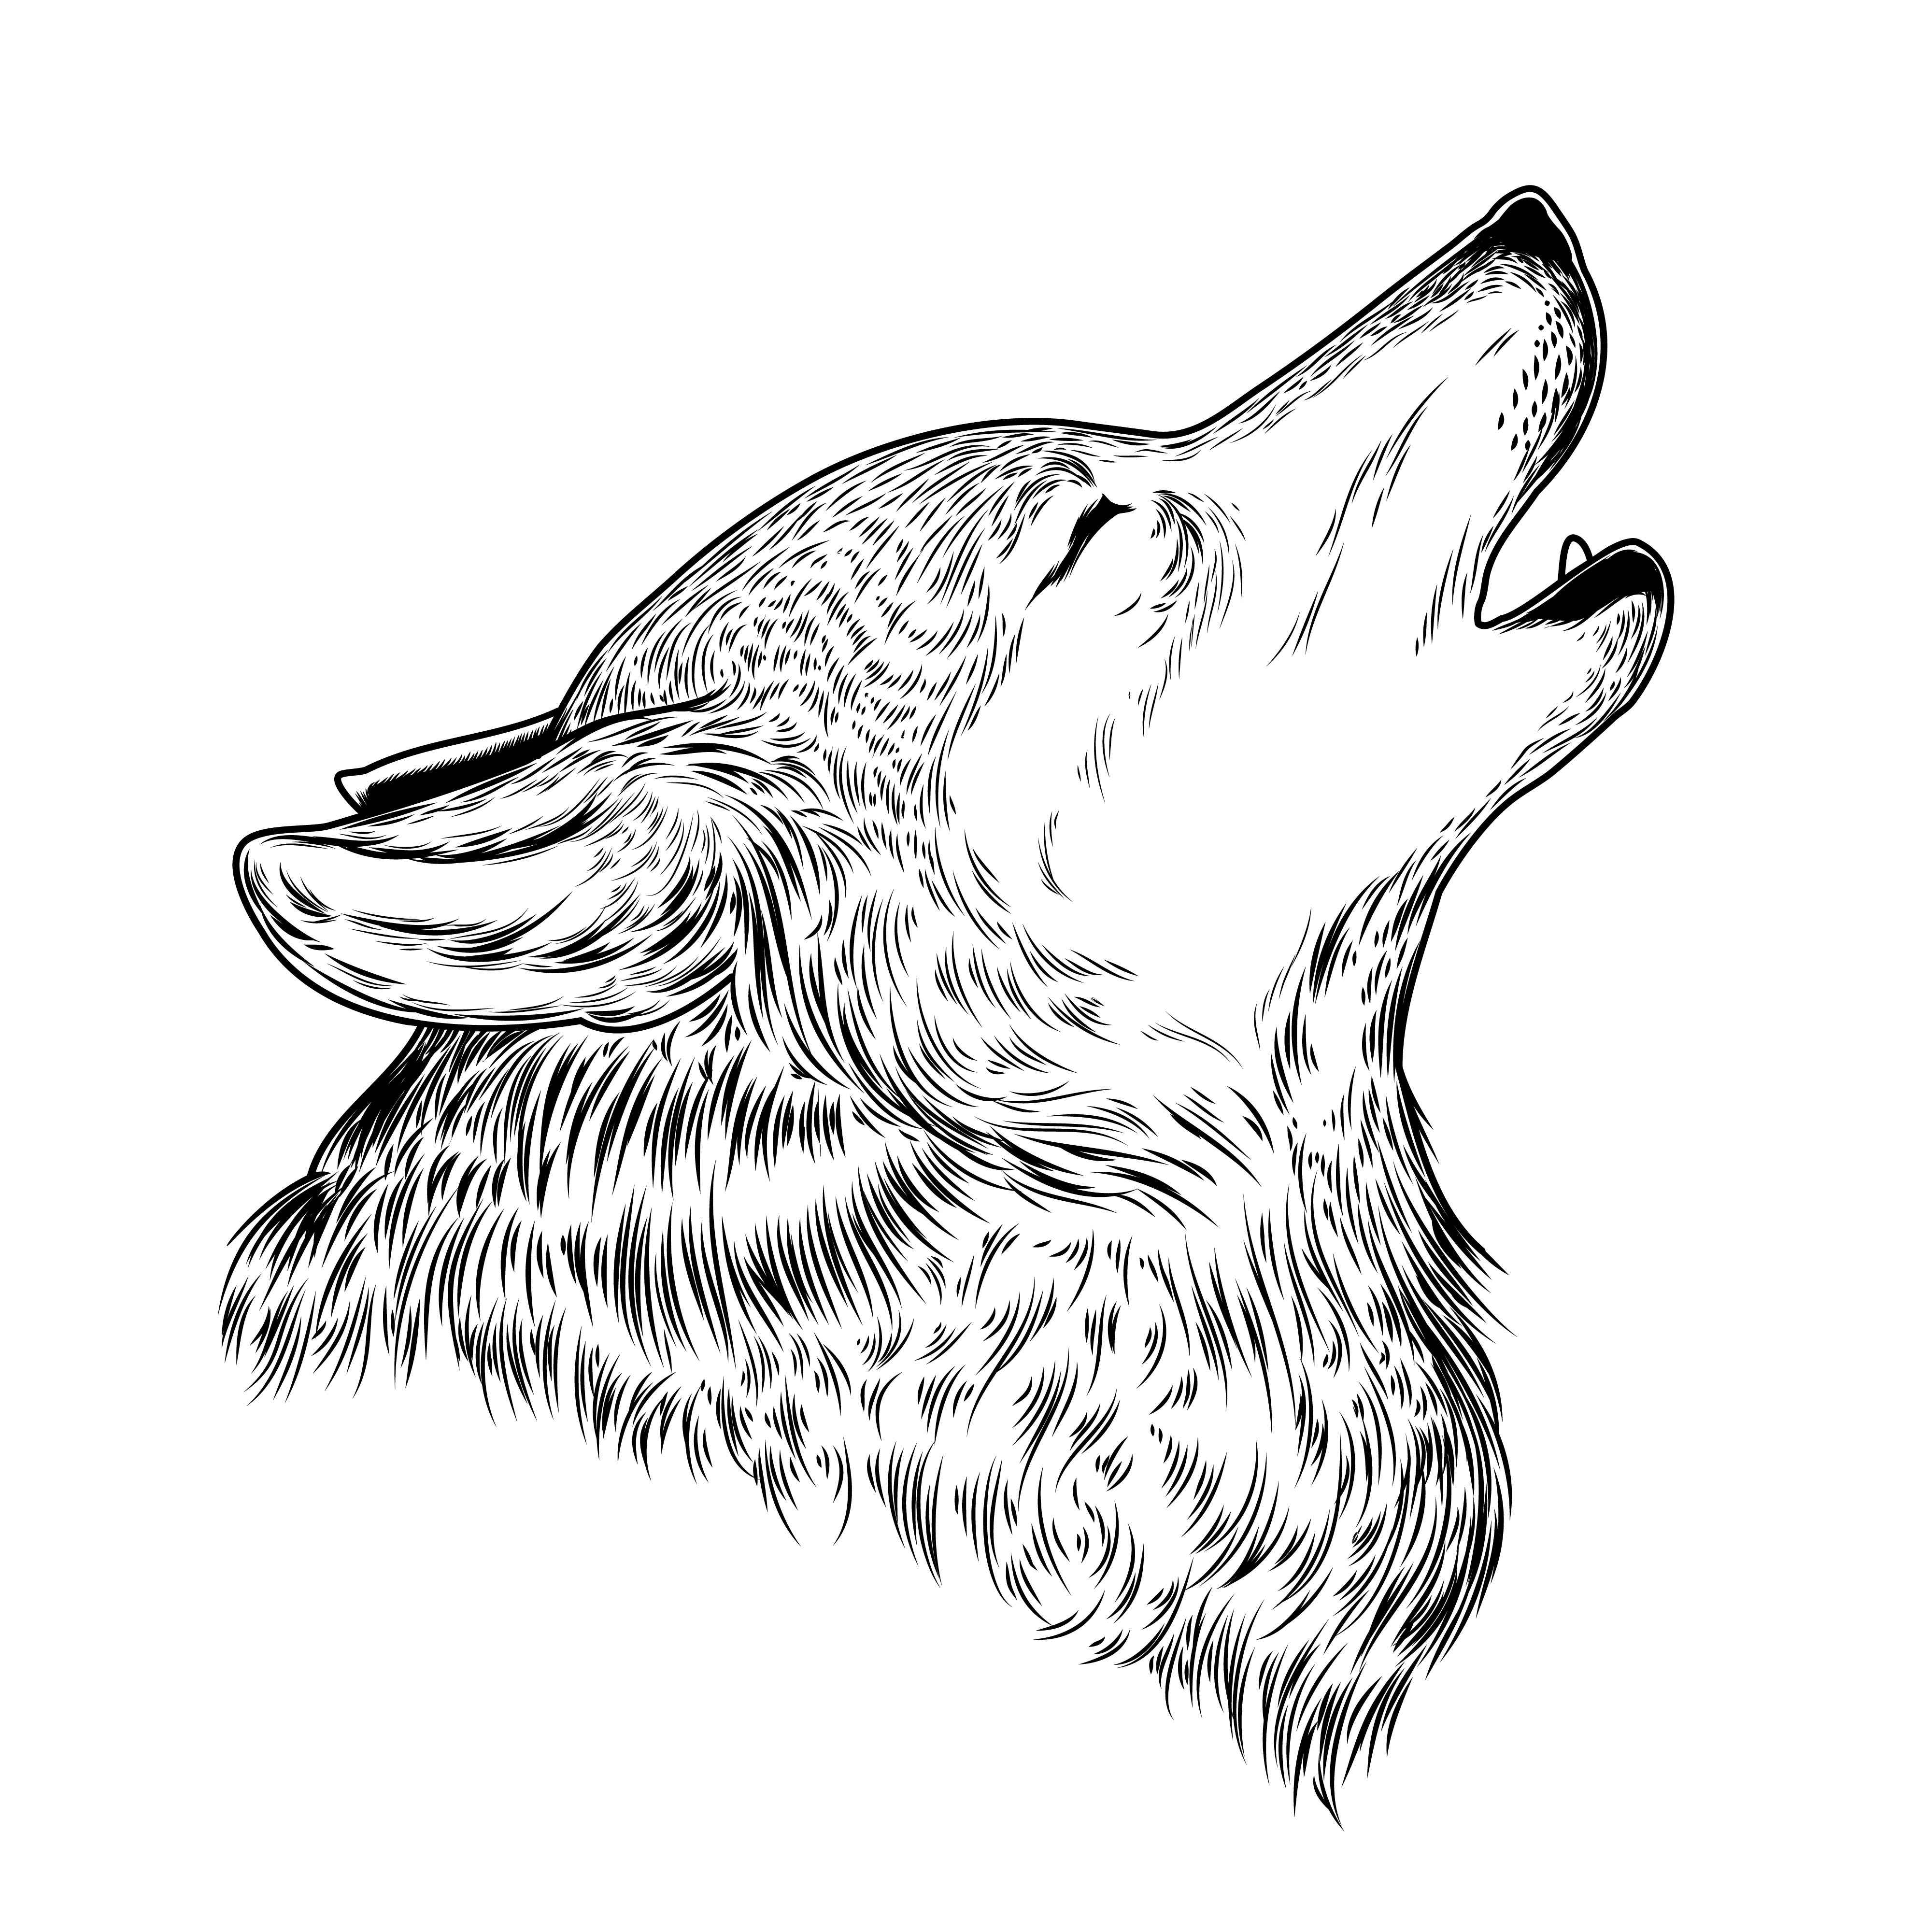 Смешных, зентангл картинки для срисовки легкие воющий волк